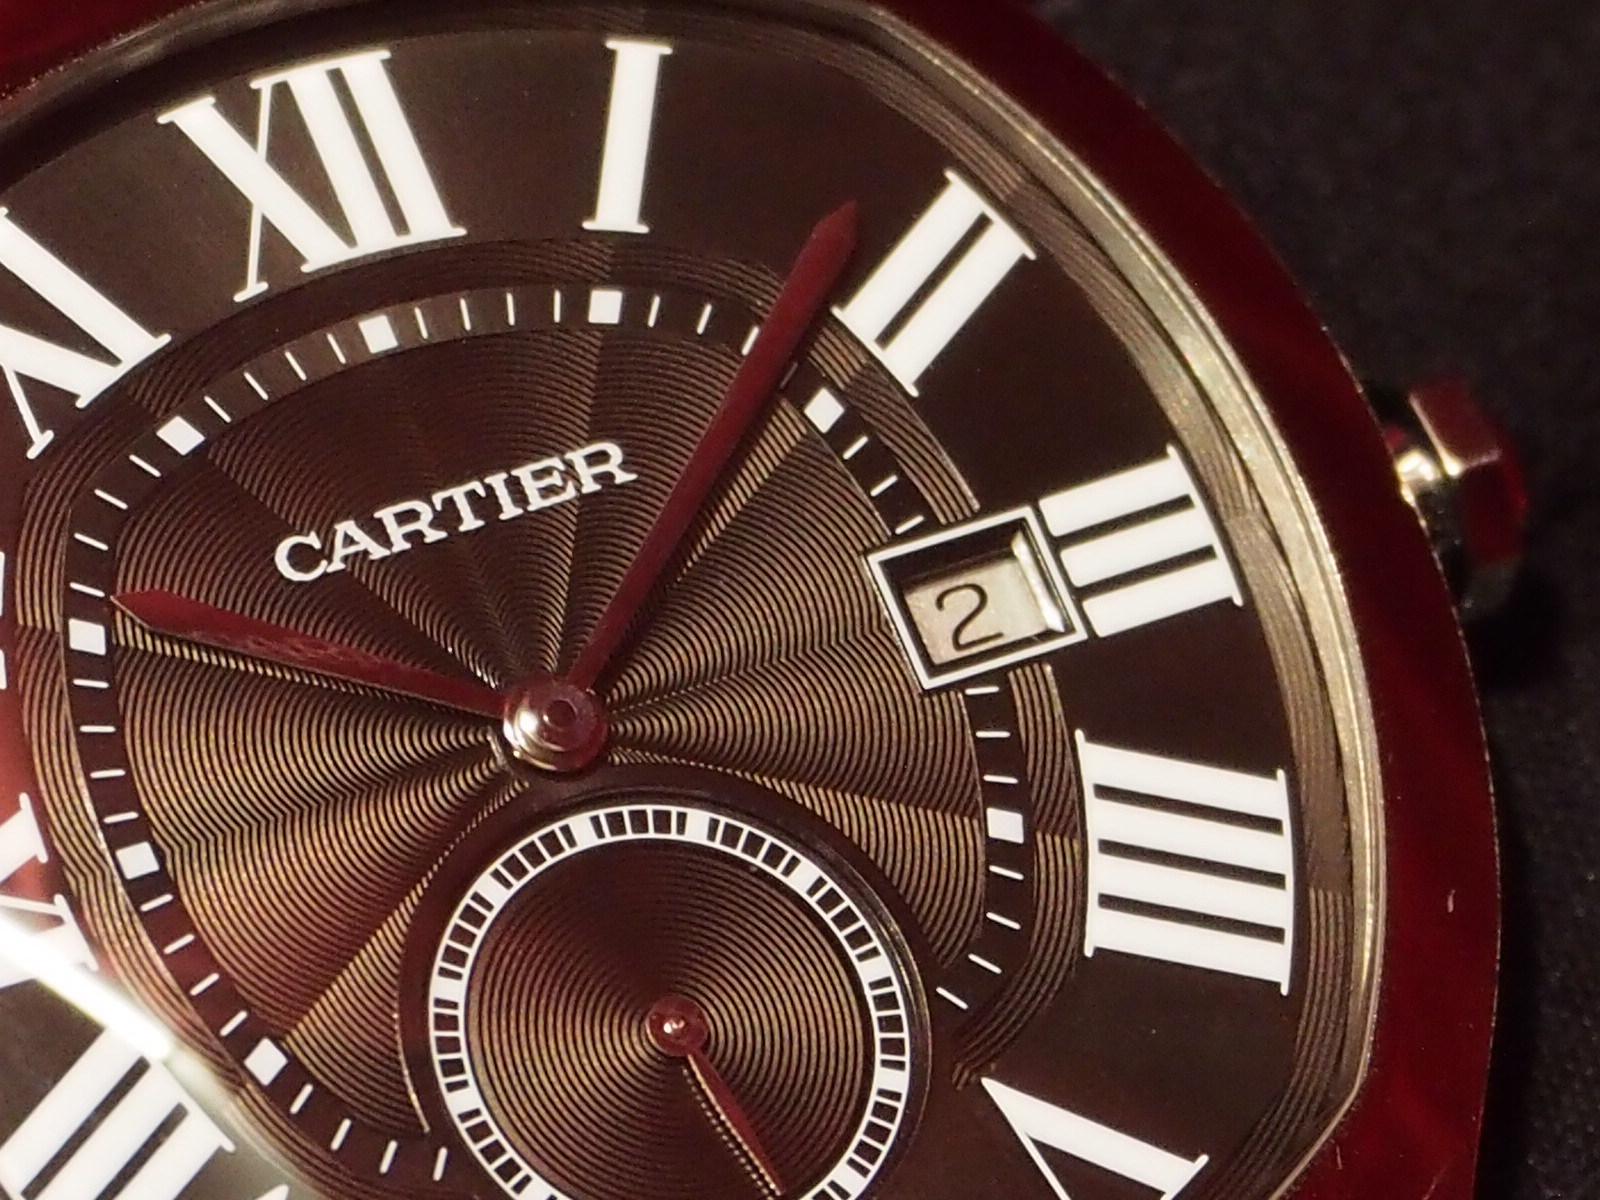 気品あるデザイン、装着感が魅力的「ドライブ ドゥ カルティエ」WSNM0009-Cartier -P8220093